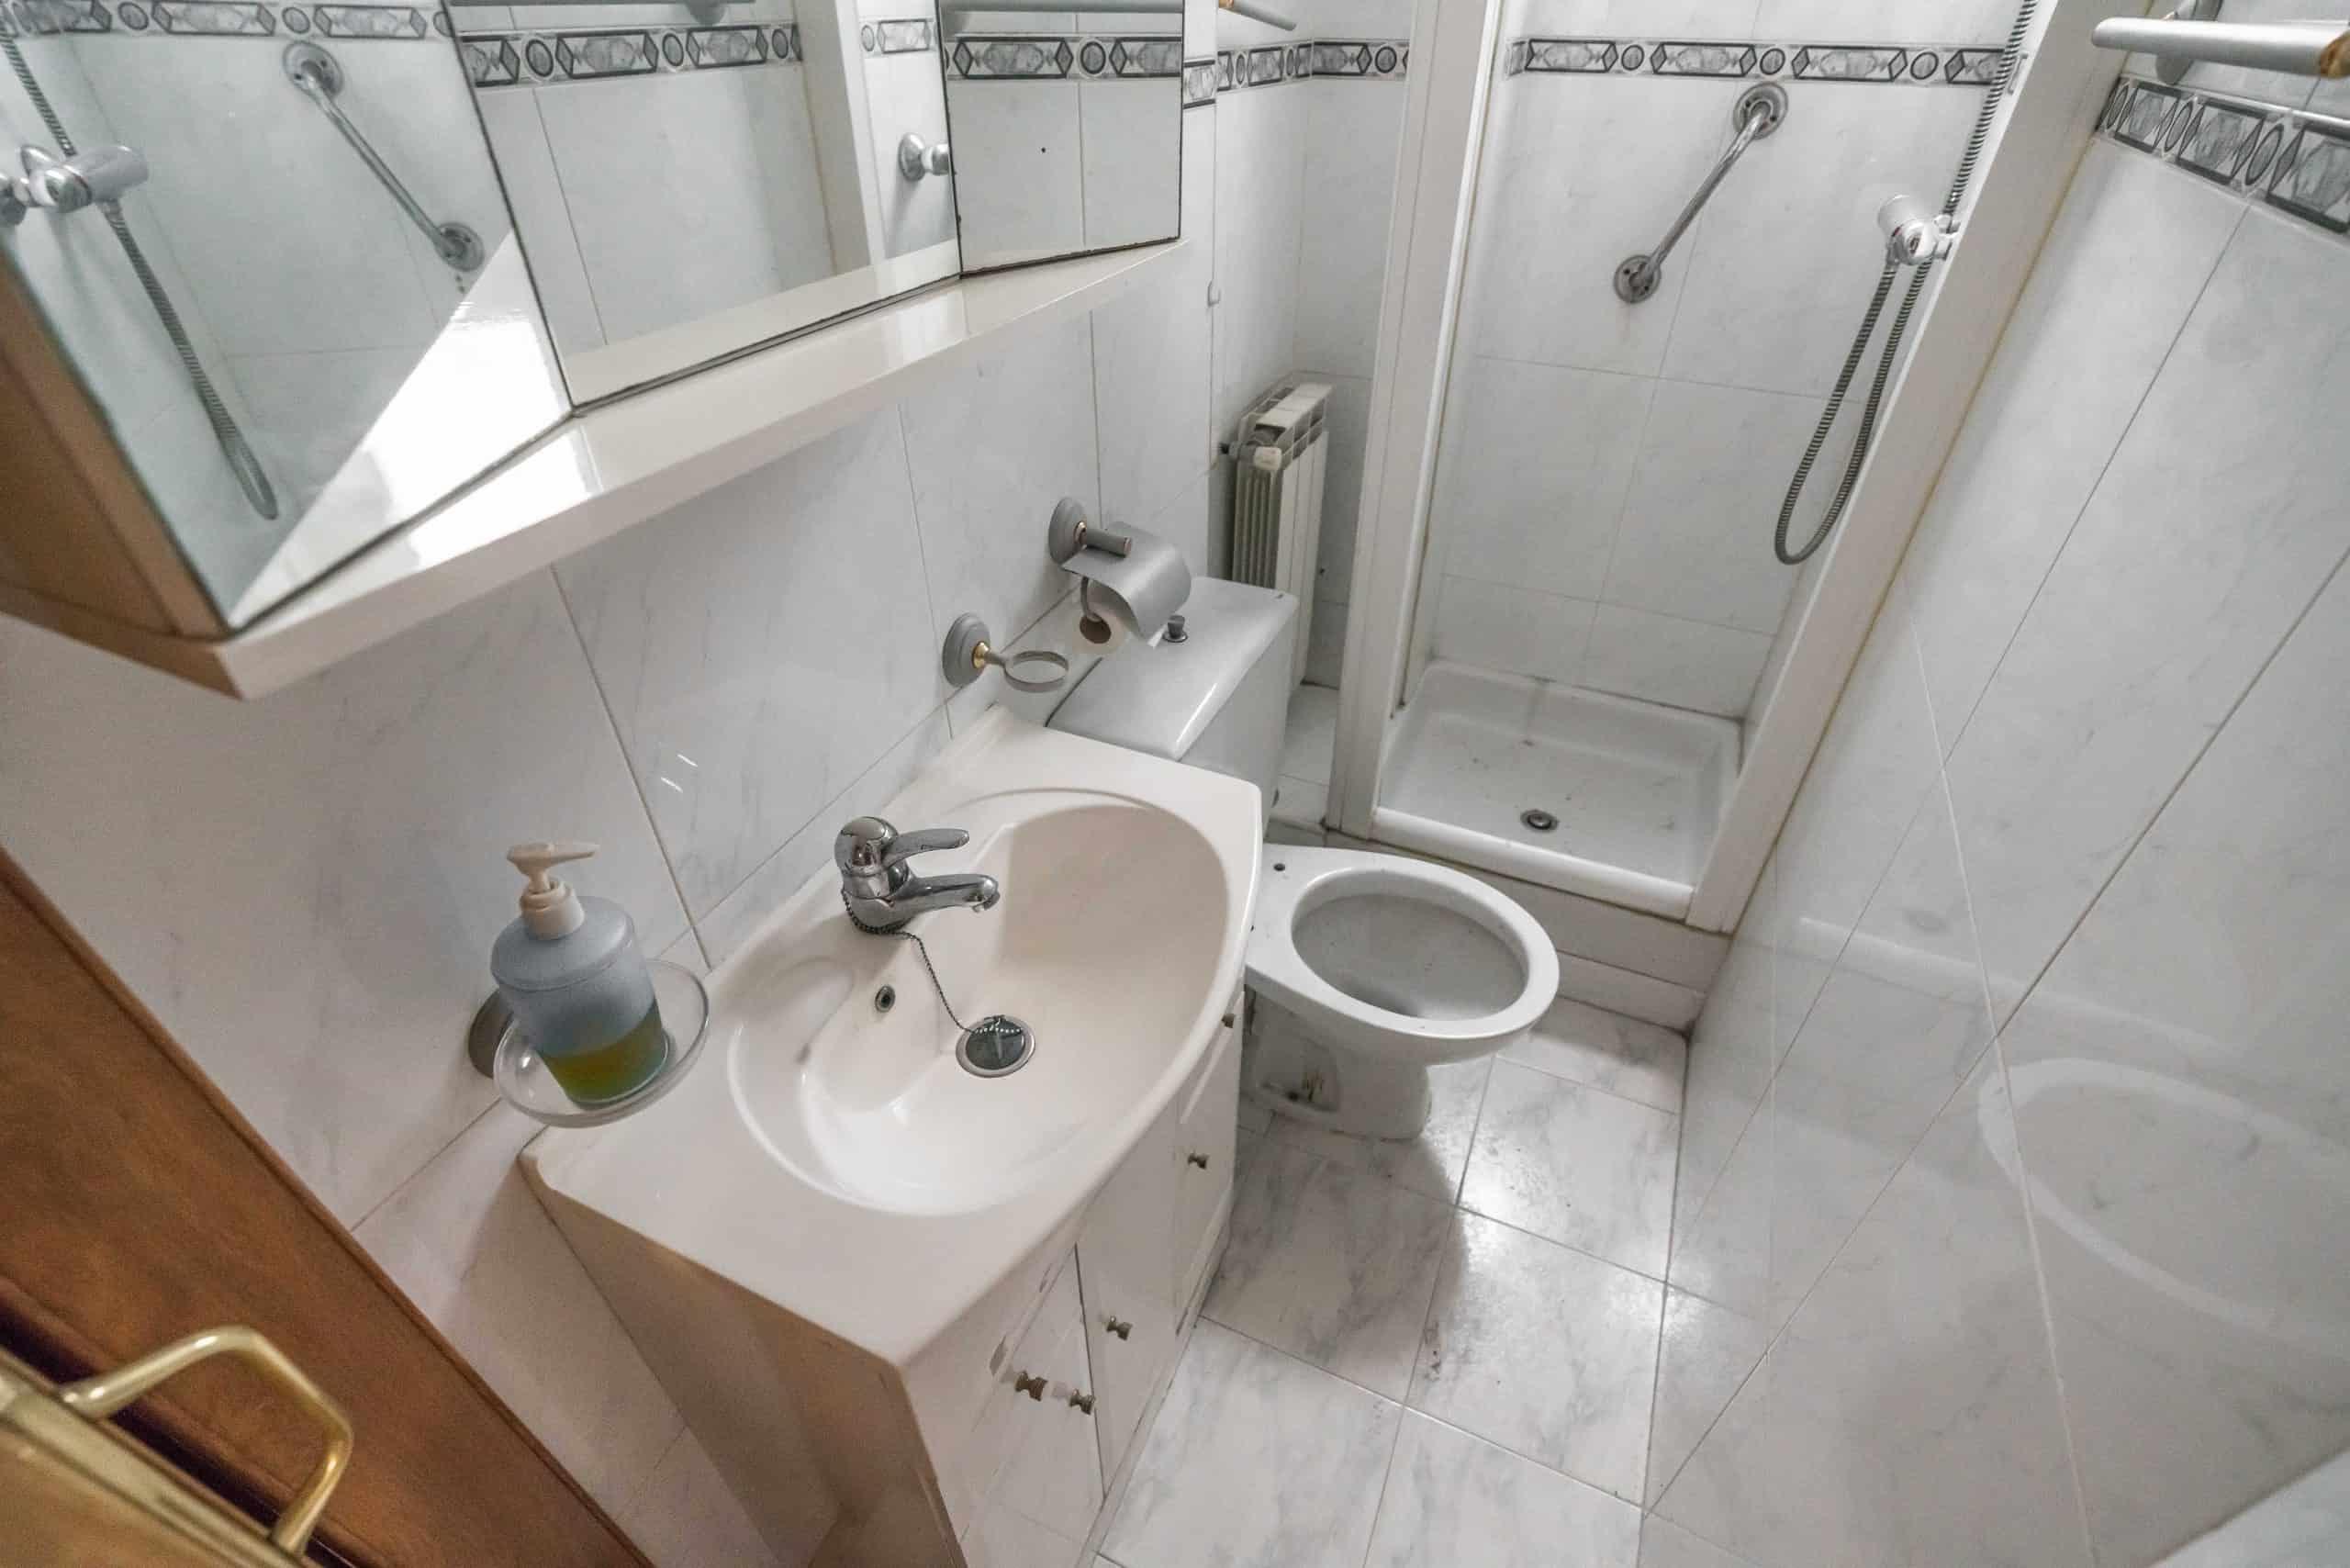 Agencia Inmobiliaria de Madrid-FUTUROCASA-Zona ARGANZUELA-EMBAJADORES-LEGAZPI -calle Guillermo de Osma 3 BAÑO (6) (Copy)